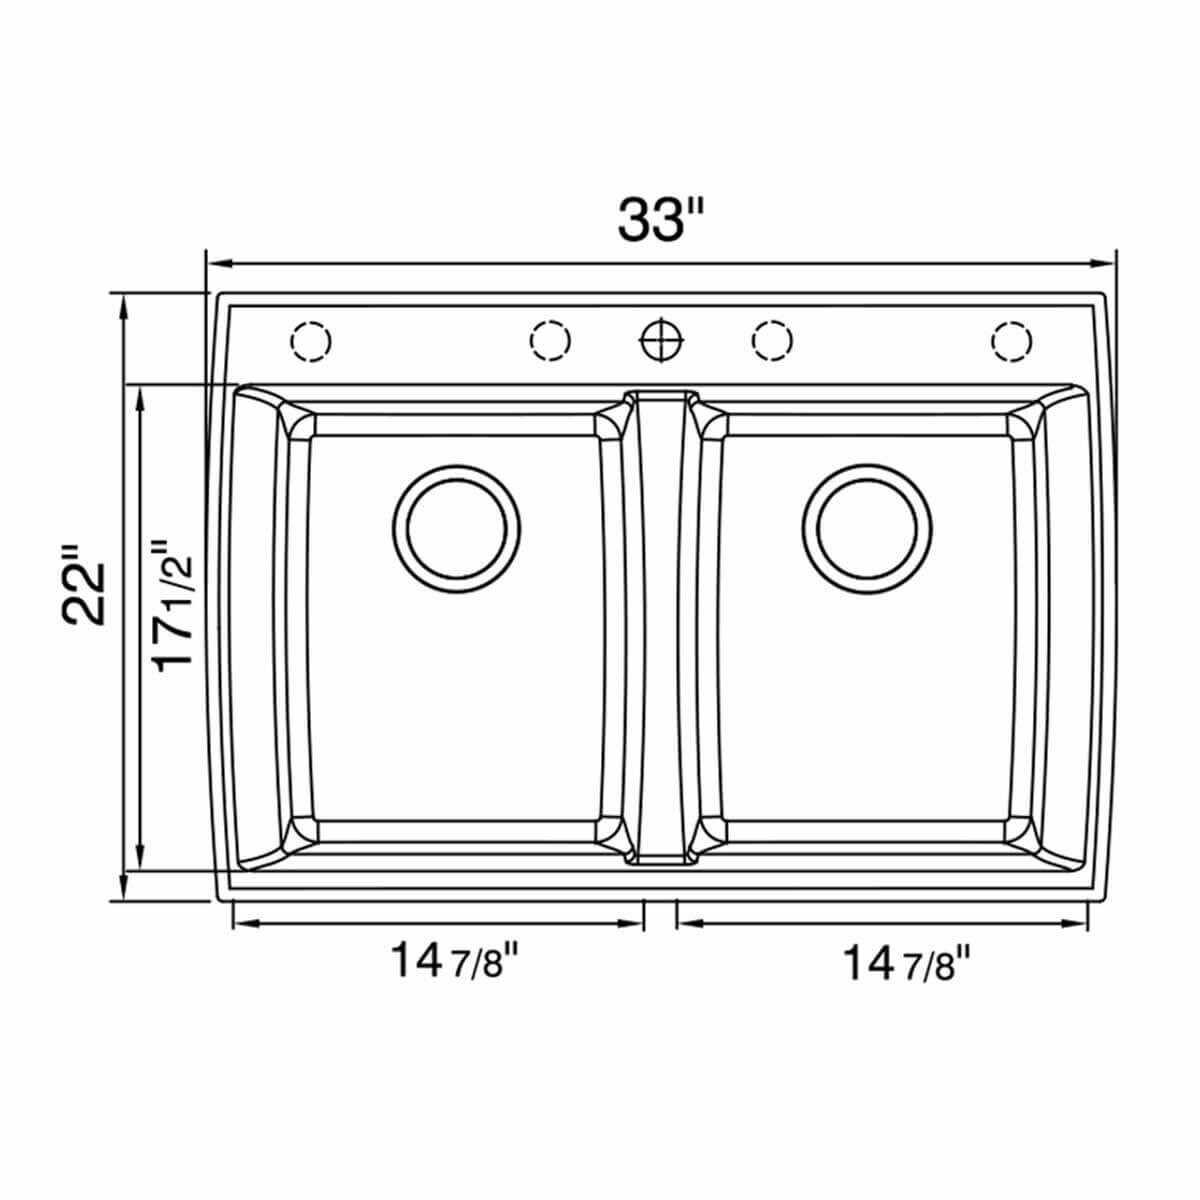 dimensions ACDM3302-D108 Artisan Granite Composite Double Bowl Dual Mount Sink